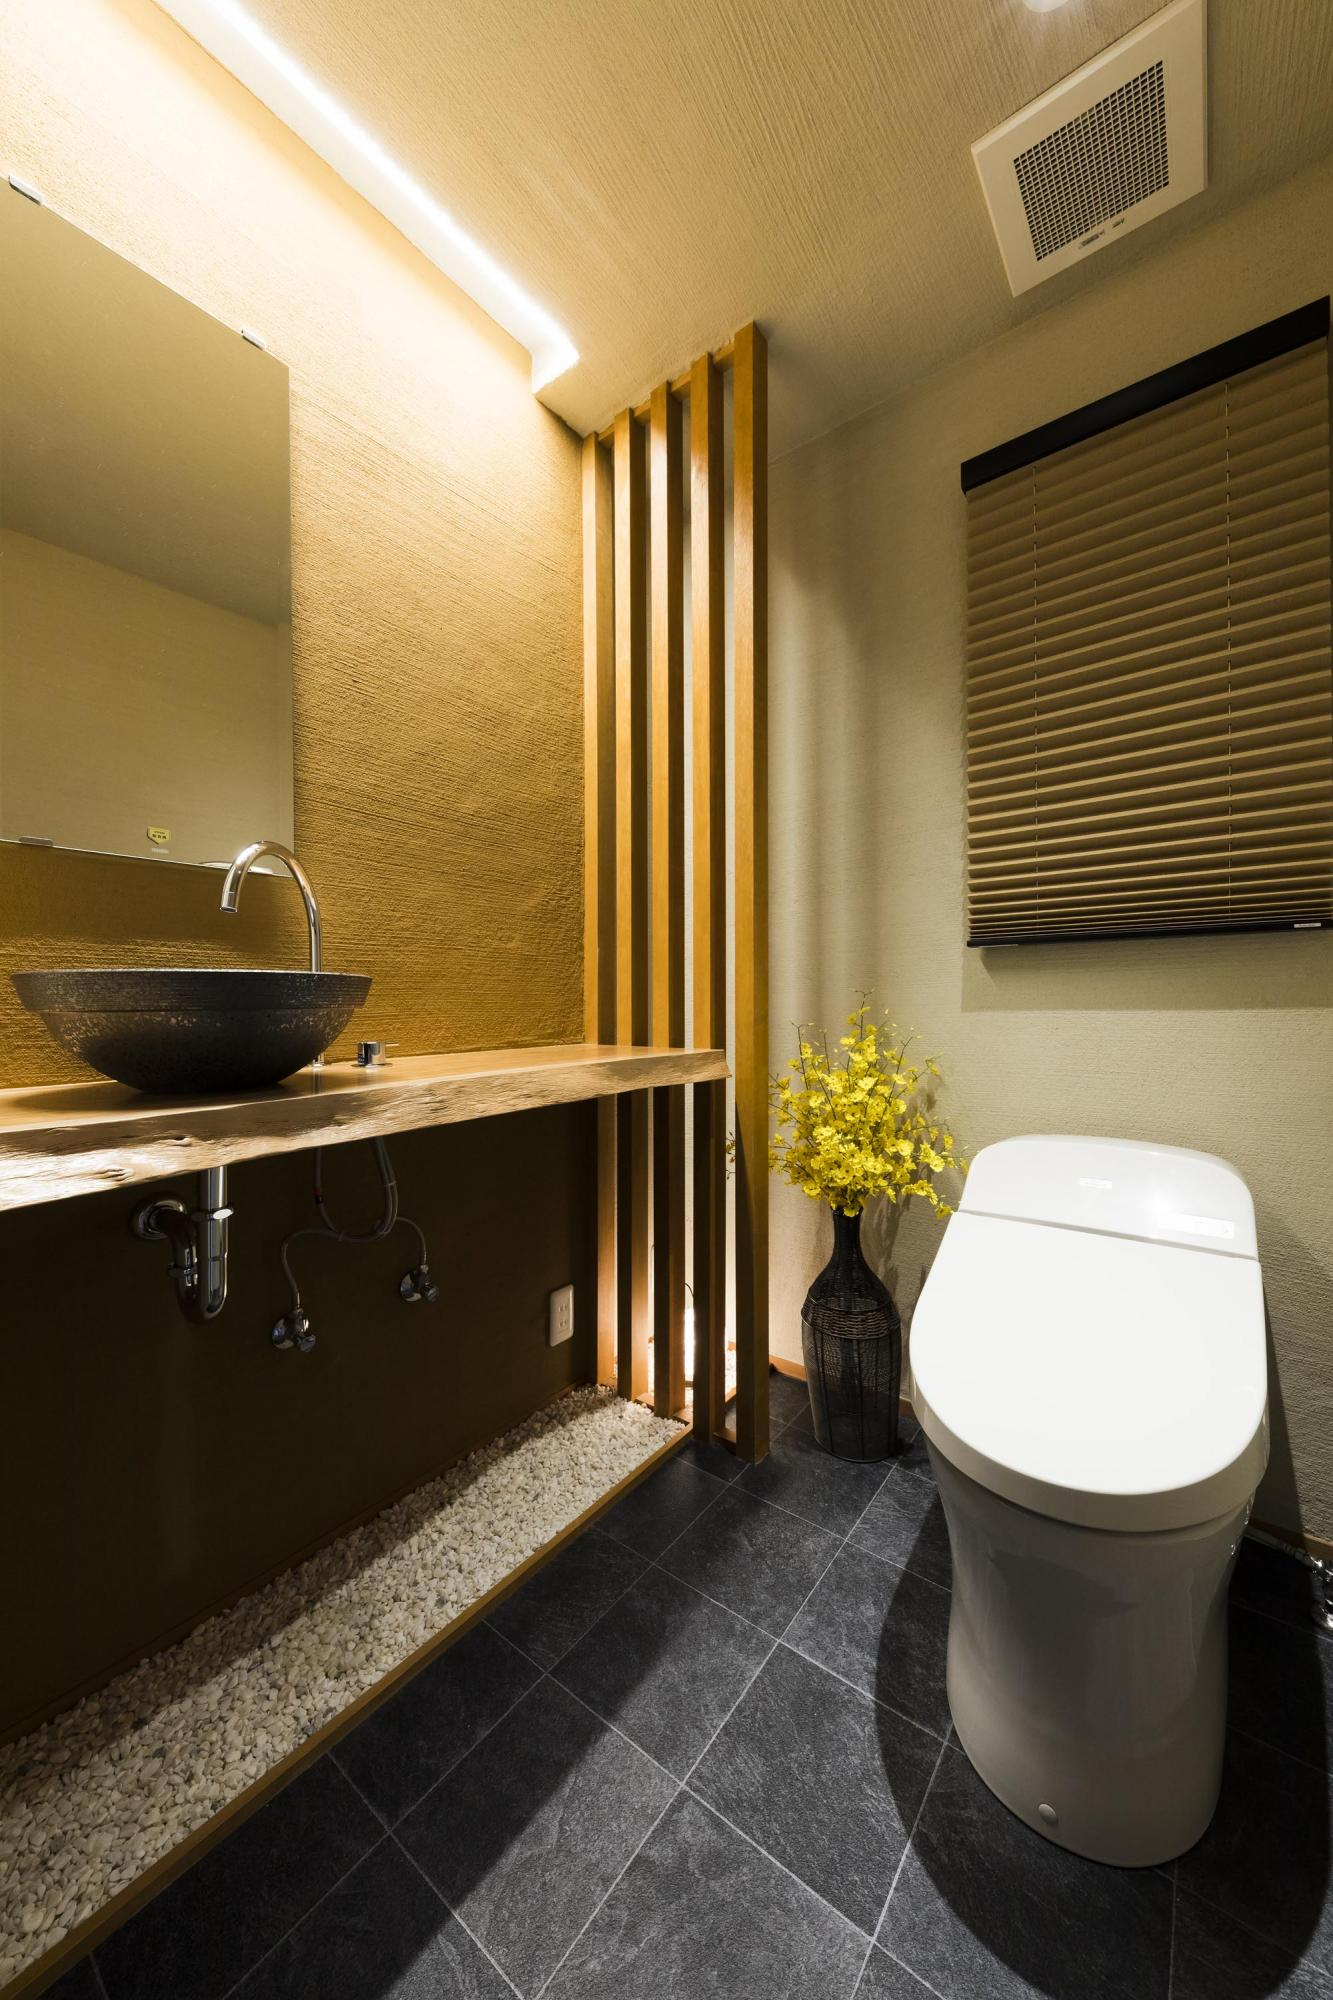 格子のスクリーン、陶器の手洗いボウル、玉砂利などで、和の雰囲気溢れるトイレに